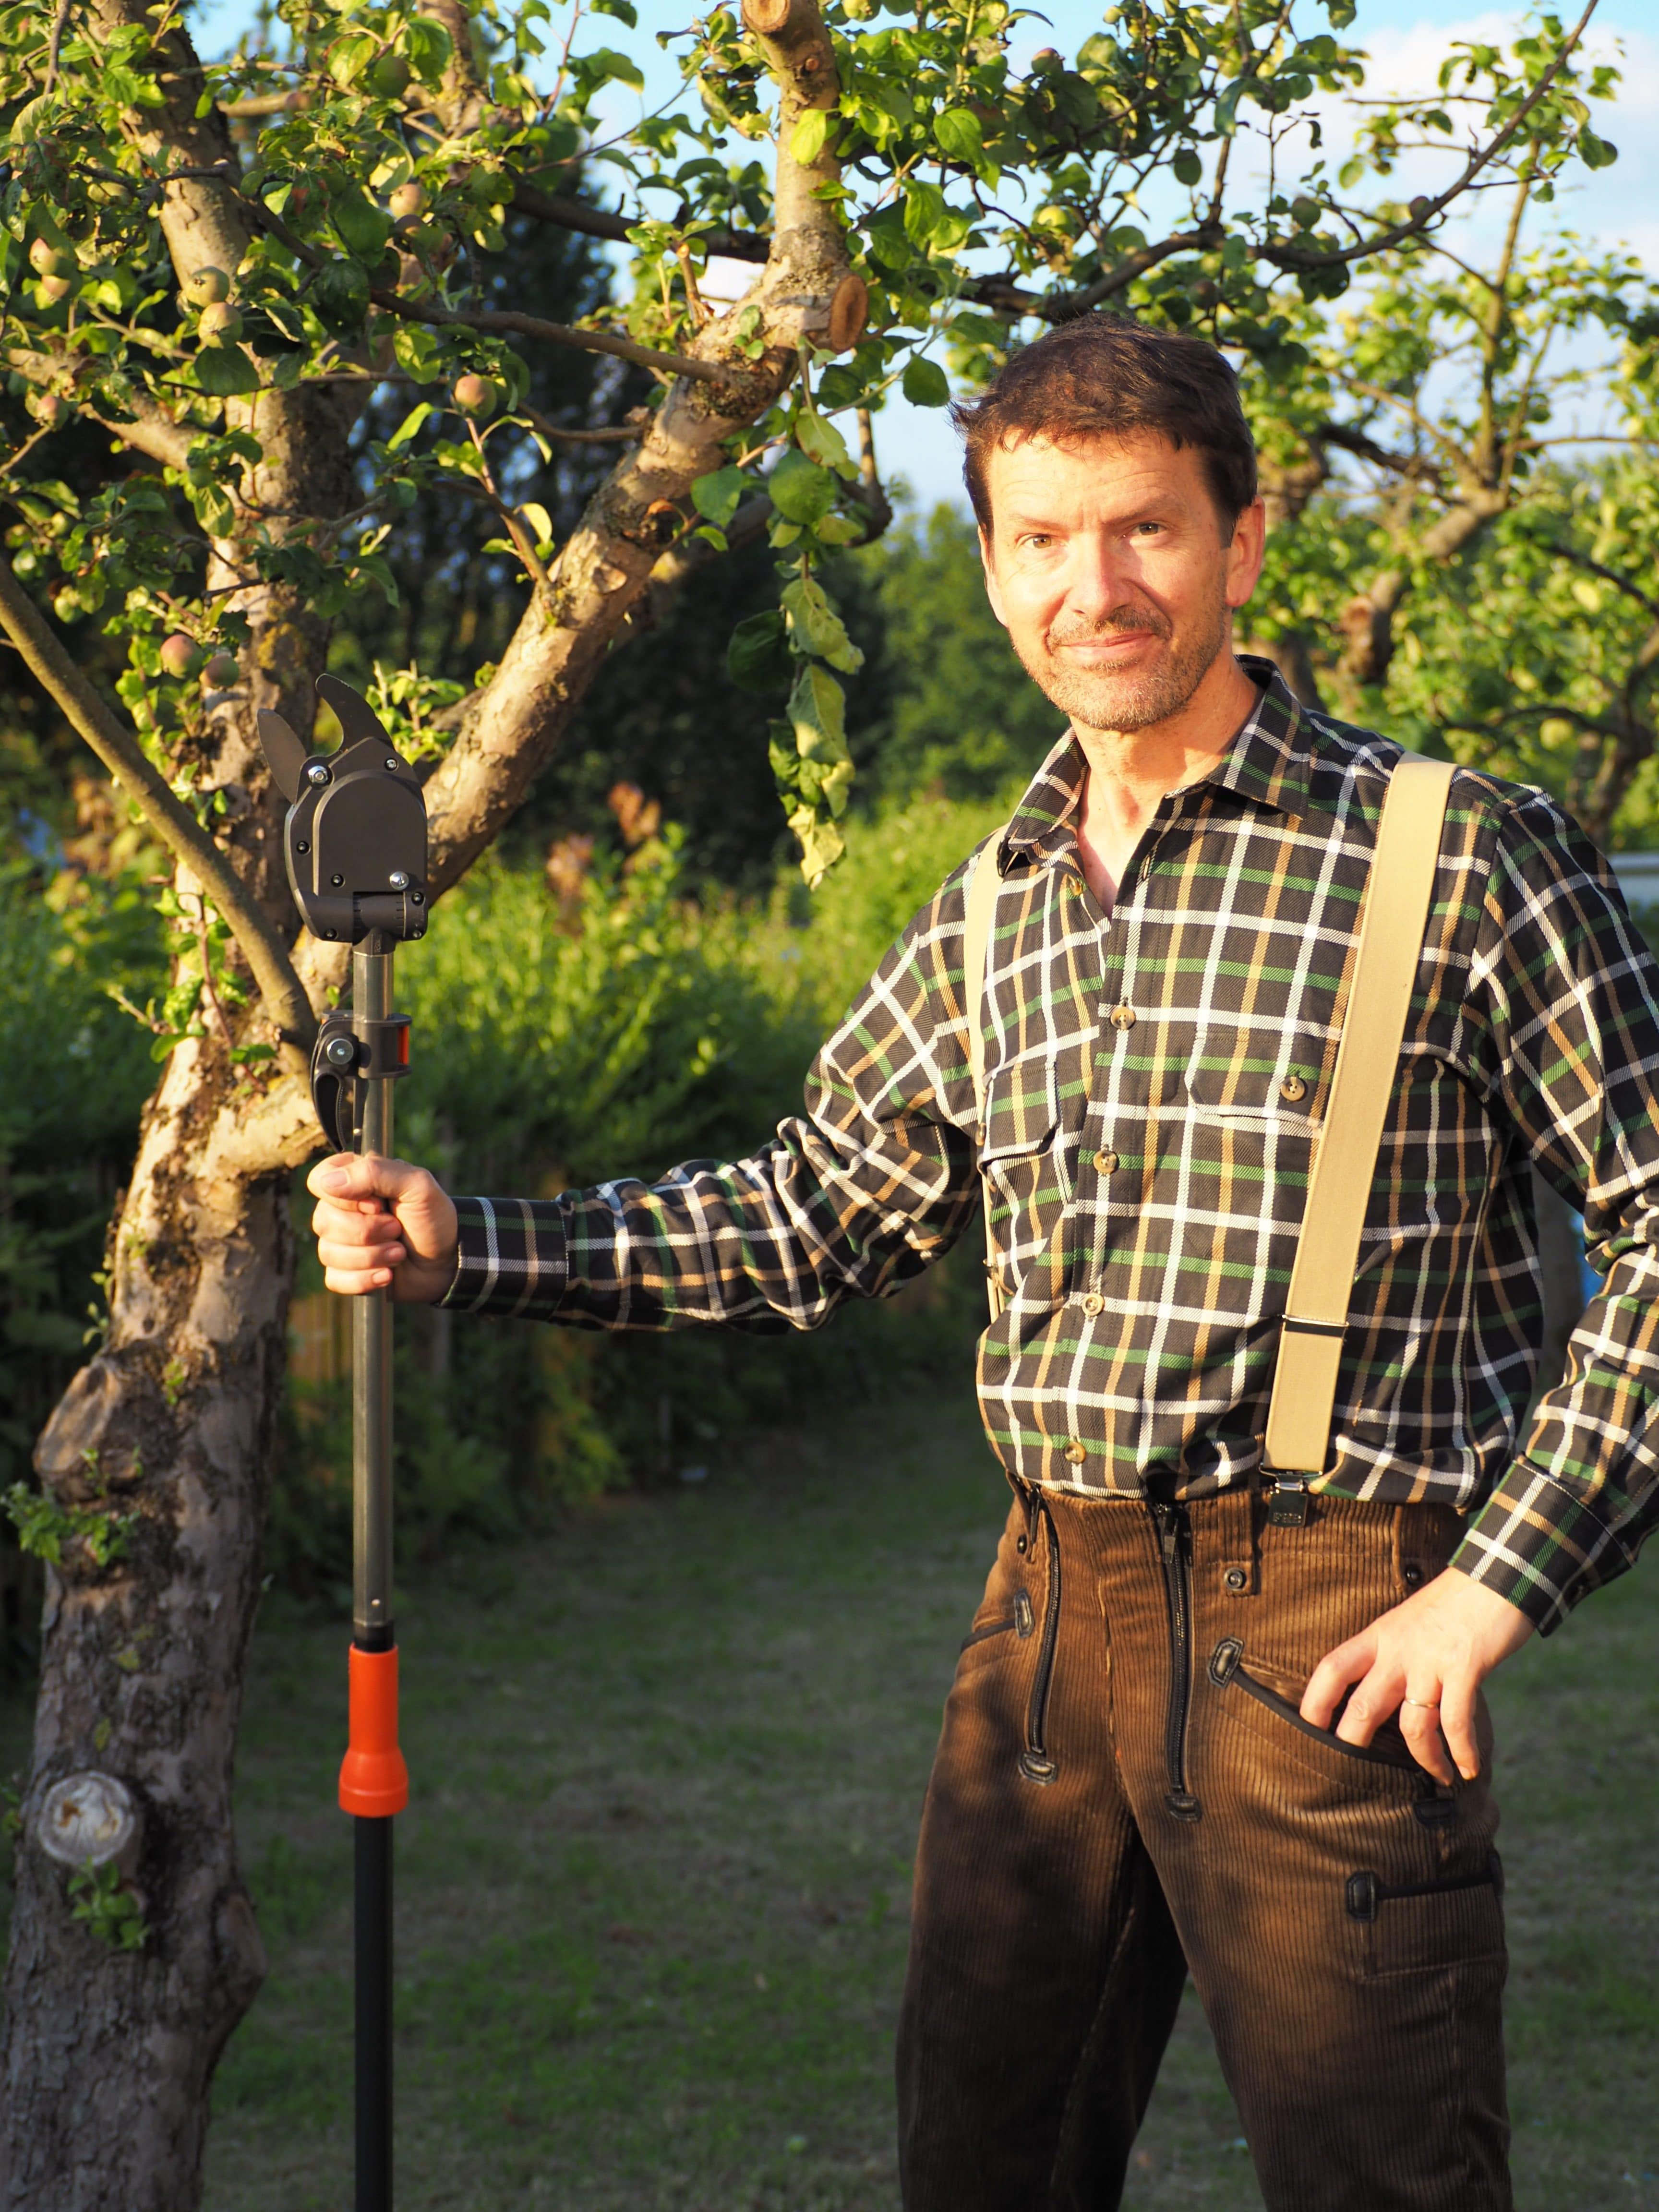 Sommerschnitt bei Süßkirsche, Arbeiten in mittlerer und großer Höhe in Baumkronen